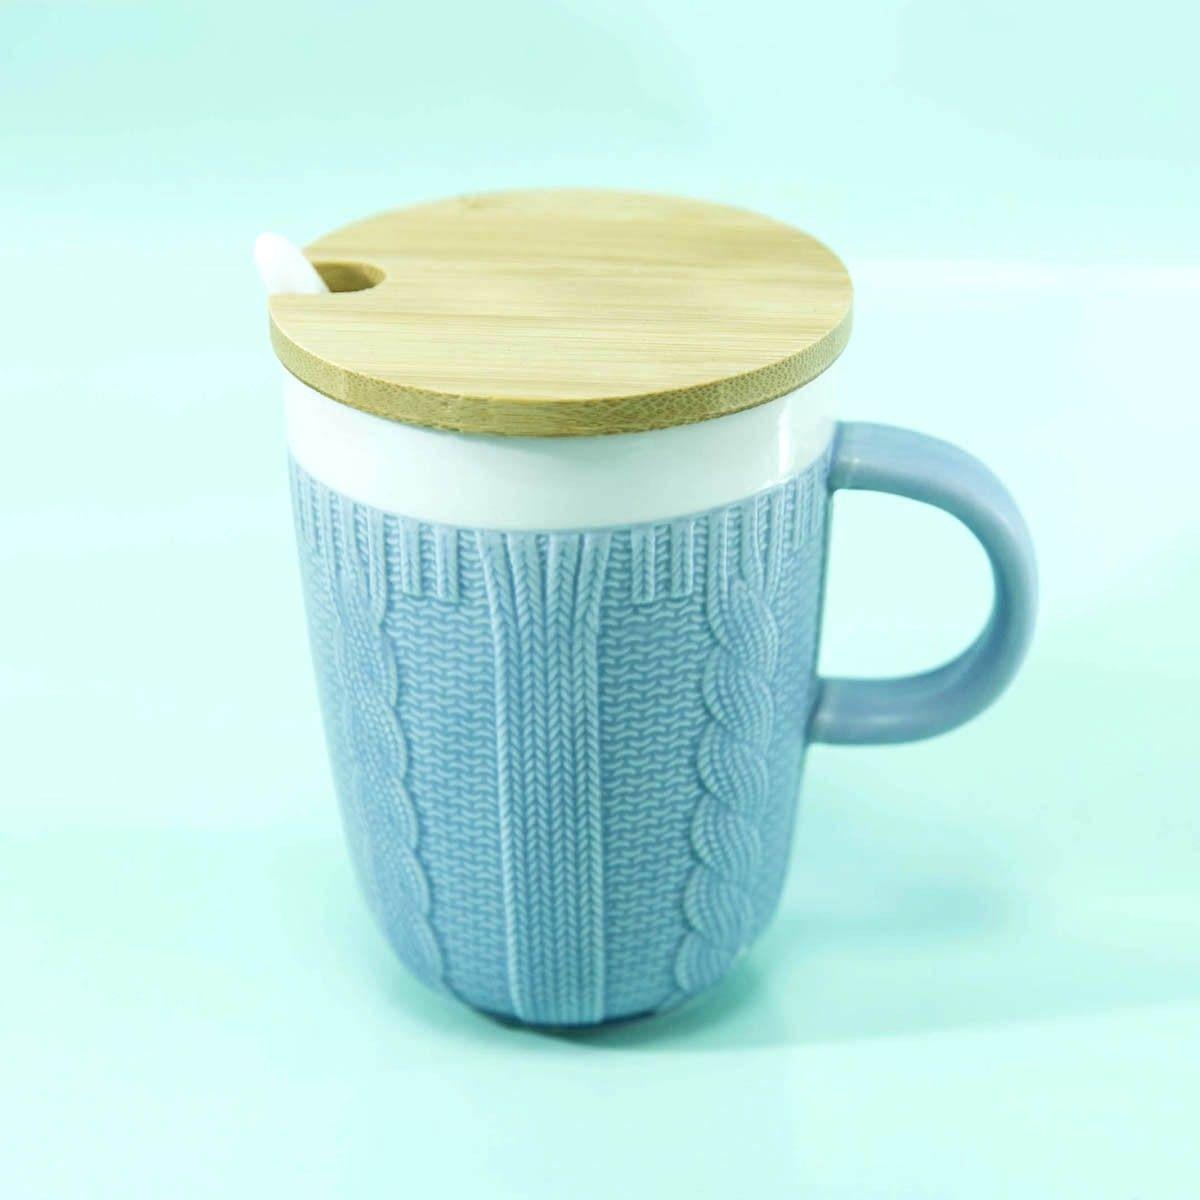 Panmomo Wool Sweater Ceramic Mug Grey Bahan Dan Sendok Rodeo Bundling 5 Abu S Keramik Tutup Kayu Warna Tinggi 11 Cm Diameter Bagian Atas 8